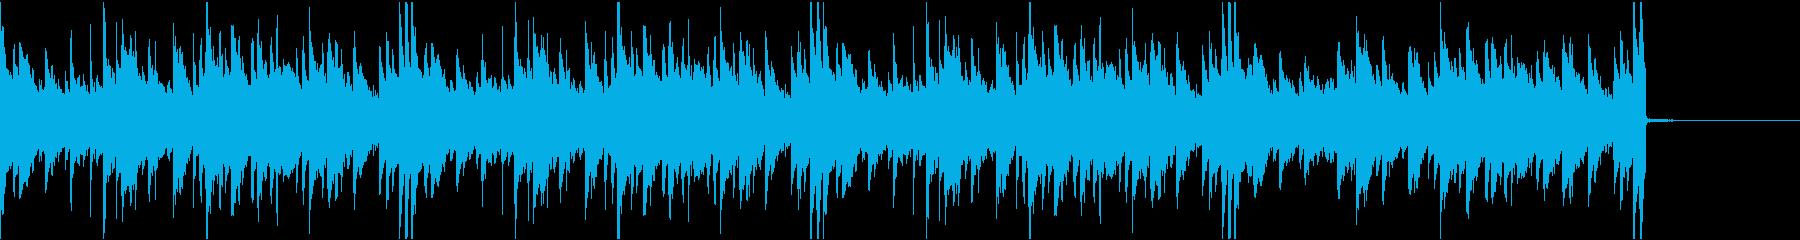 アンビエントな癒し系ピアノBGMの再生済みの波形